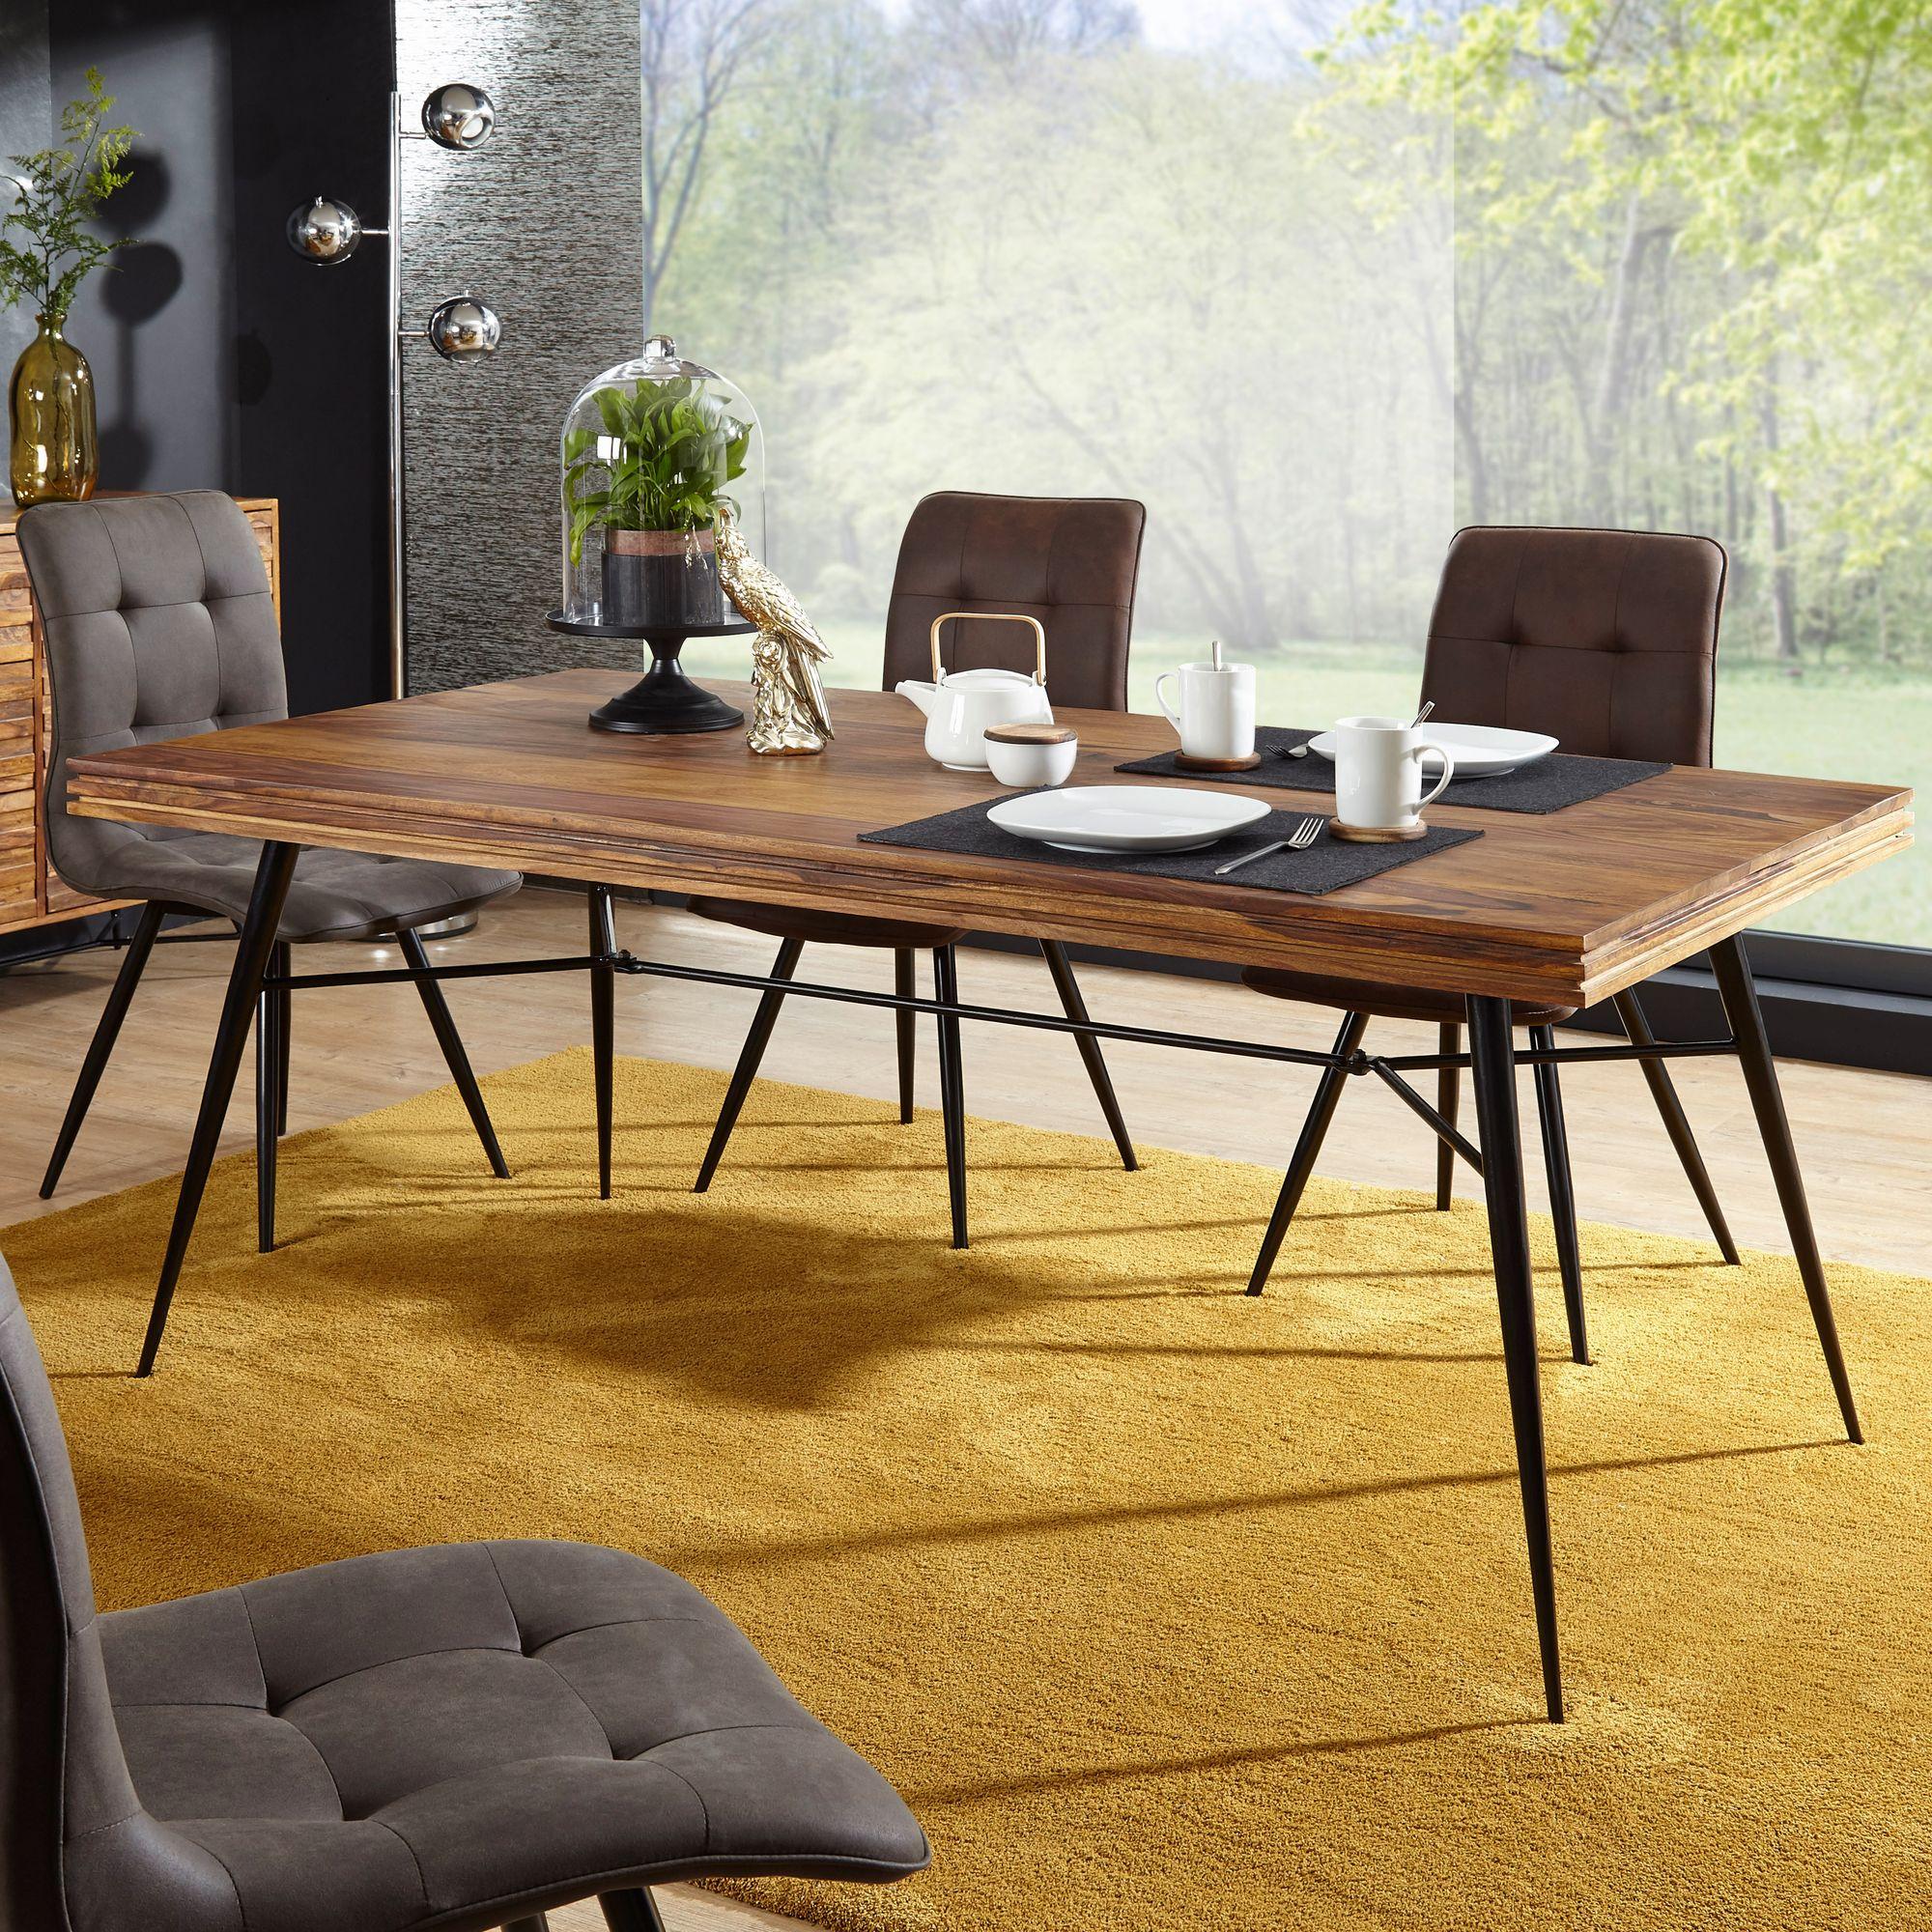 Esszimmertisch mit 4 Stühlen Sheesham Holz Massiv Esstisch Set 180cm ...